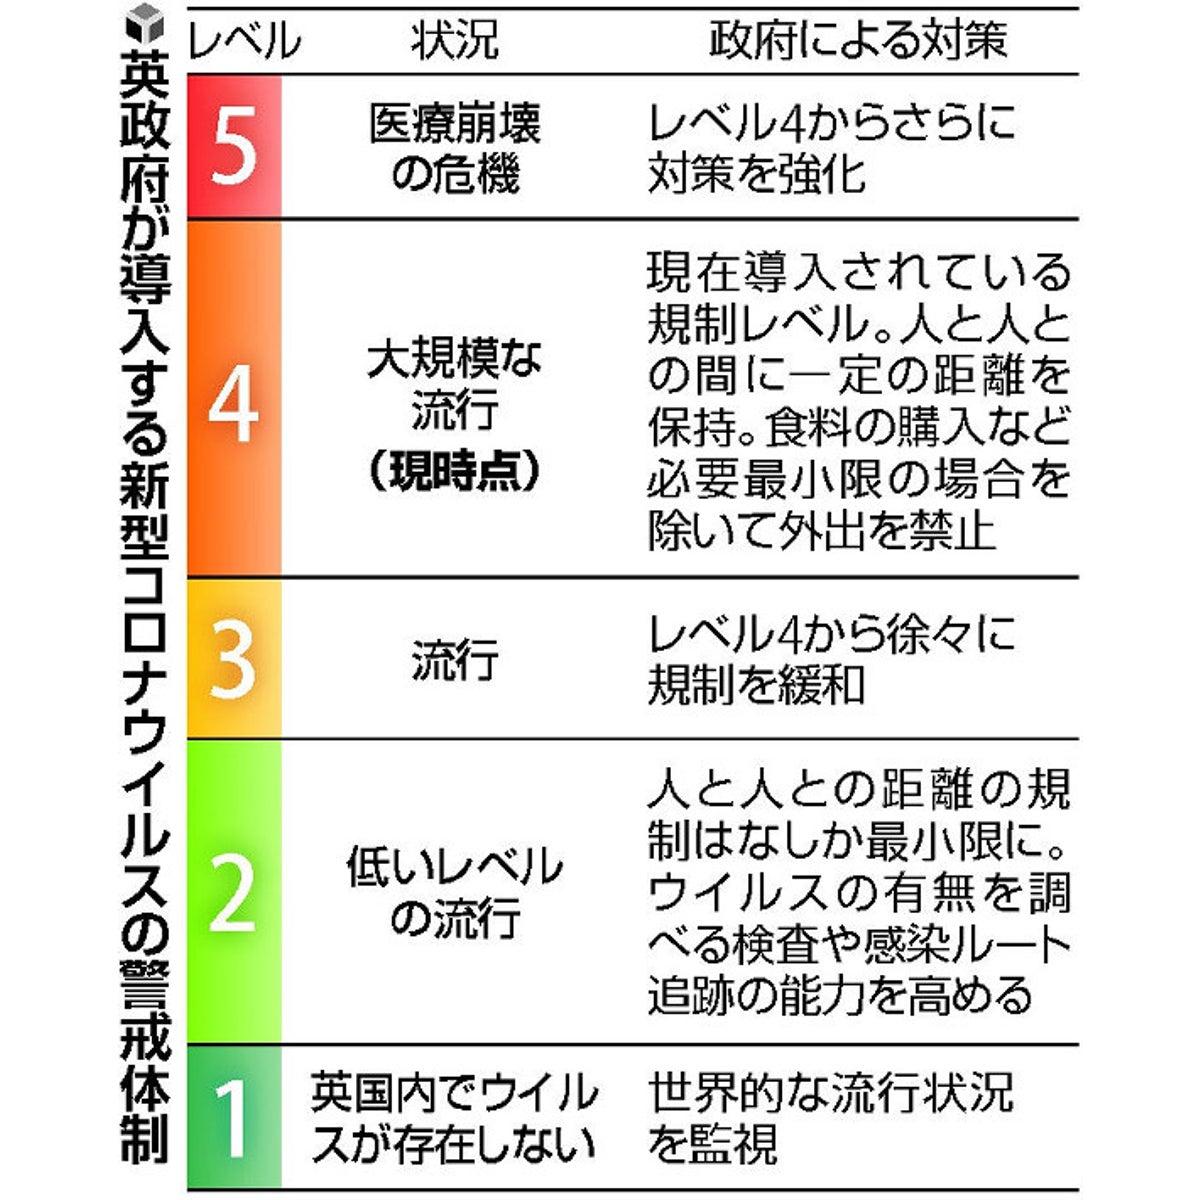 レベル 3 コロナ 北海道 警戒